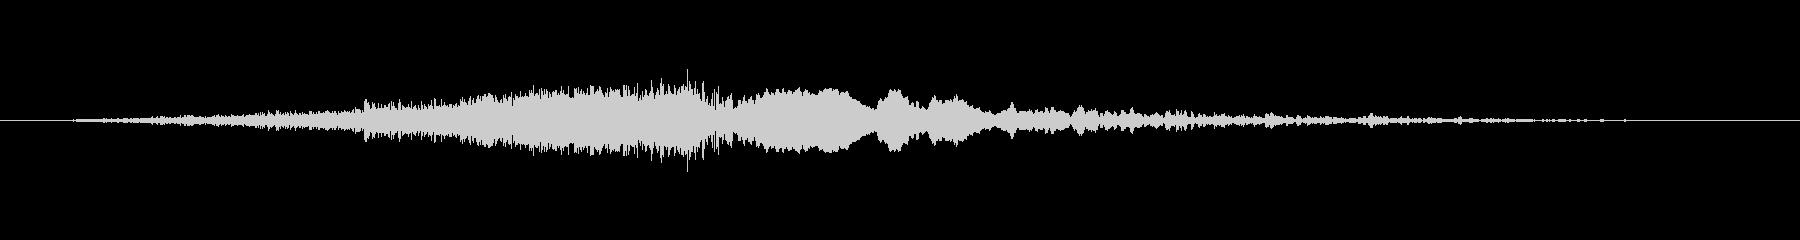 バキュームシールフーシュの未再生の波形